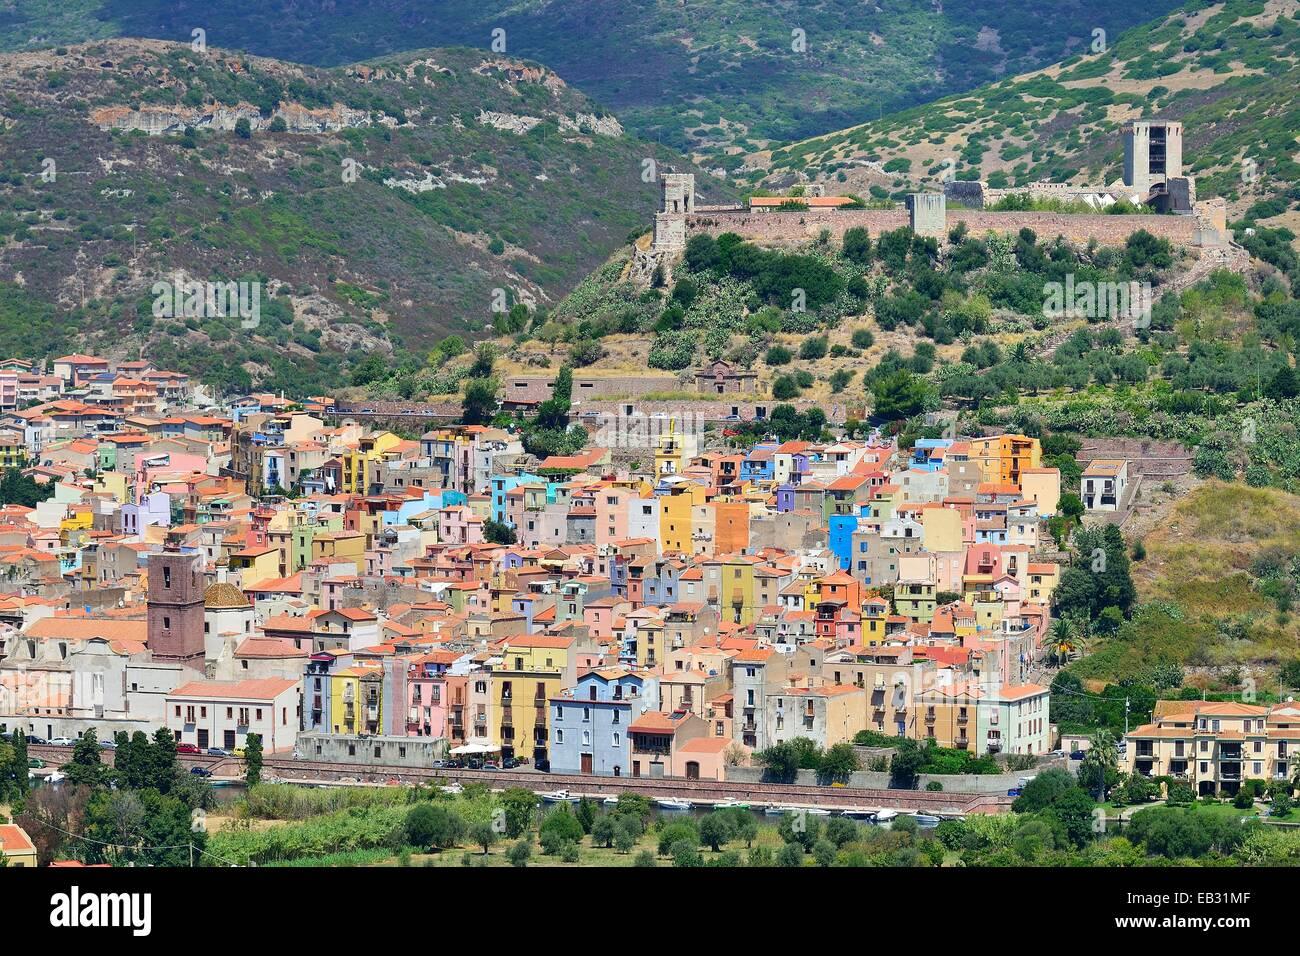 Il castello in rovina dei Malaspina domina il centro storico, Bosa, provincia di Oristano, Sardegna, Italia Foto Stock